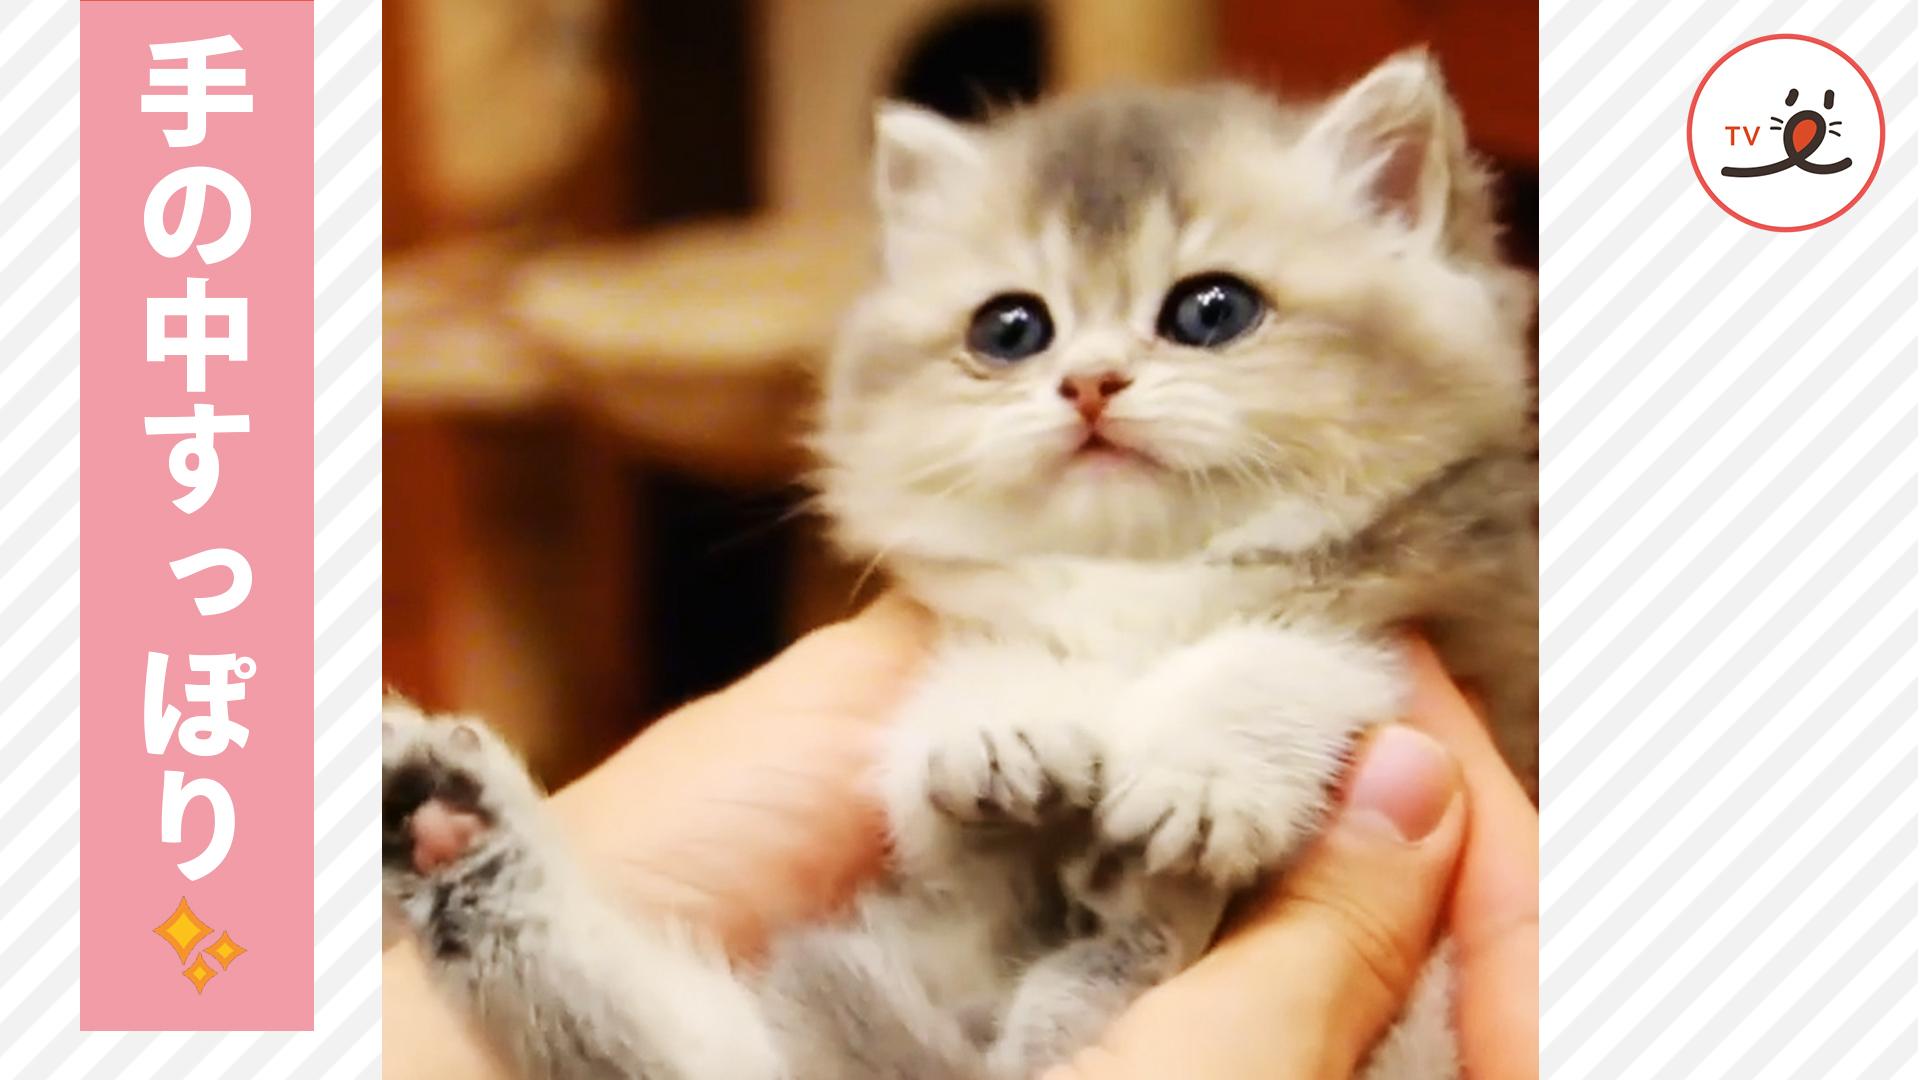 手のひらにすっぽり収まる子猫ちゃん💕 抱っこをされてウットリ😻